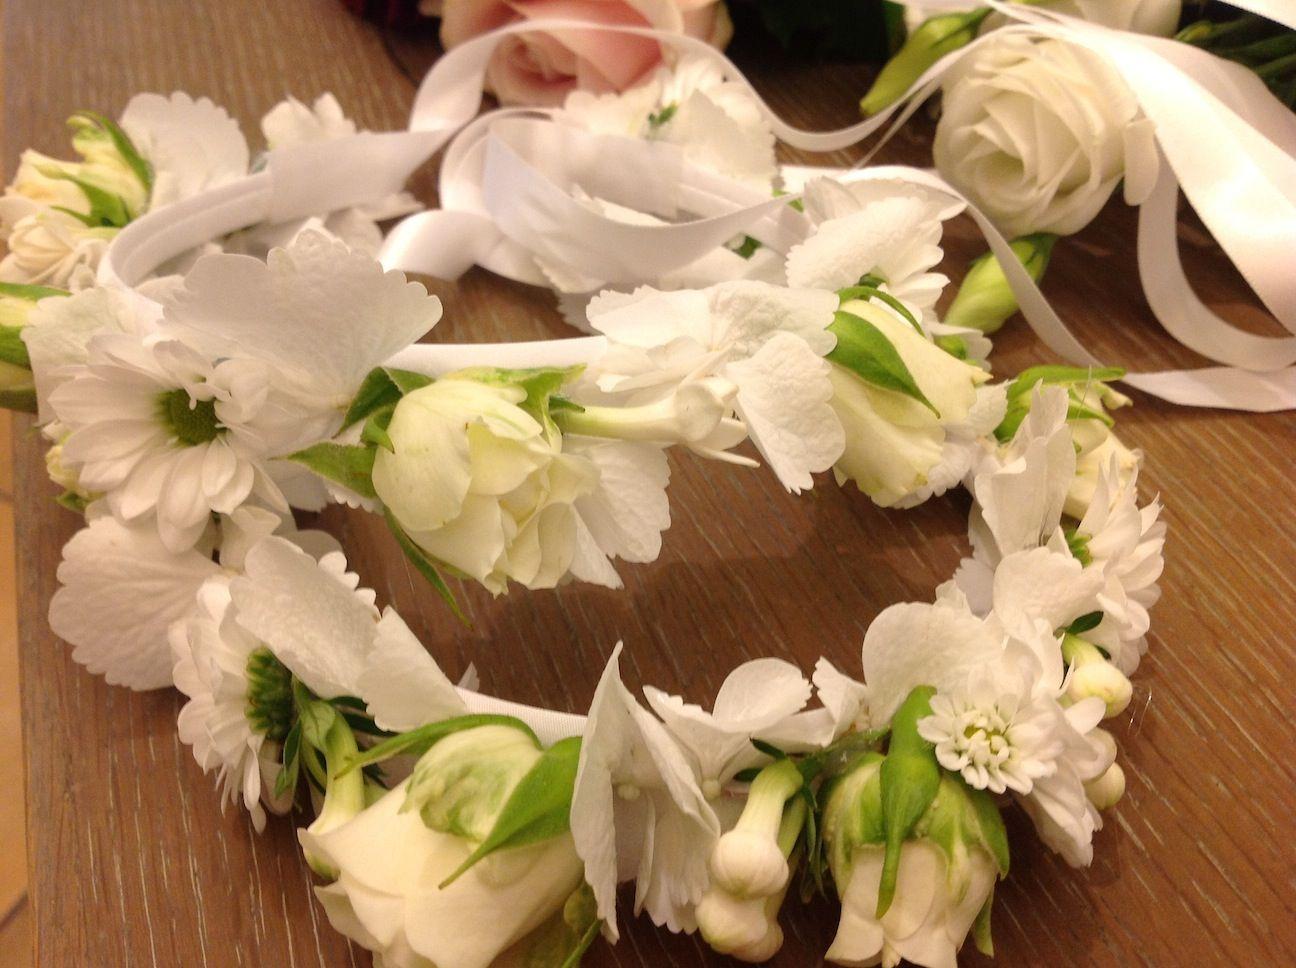 Fiori 1 Comunione.Coroncine Di Fiori Per La Prima Comunione Floral Wreath Floral